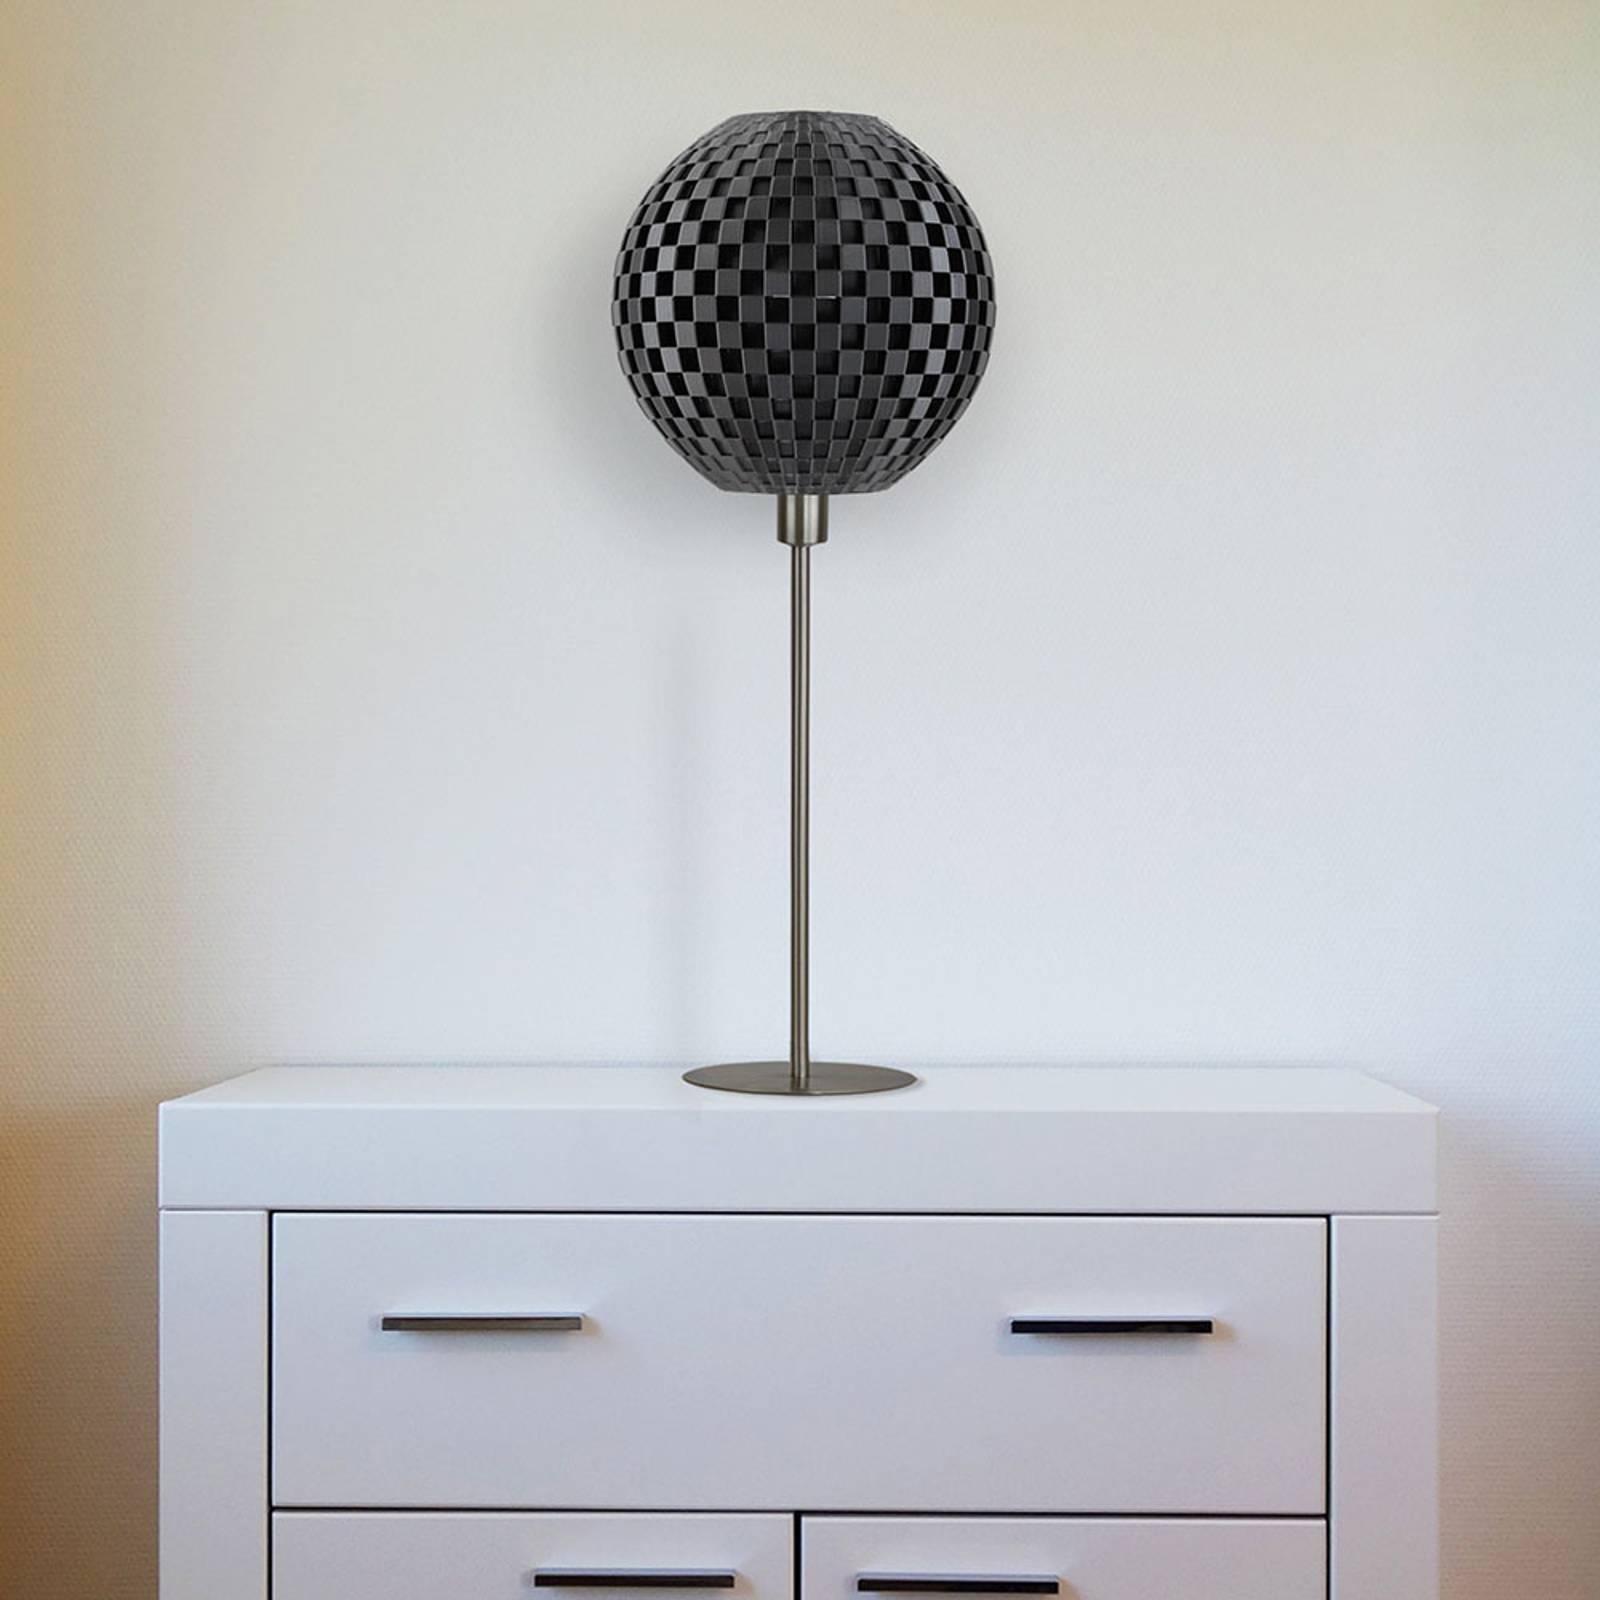 Tafellamp vlechtwerk bol, zwart